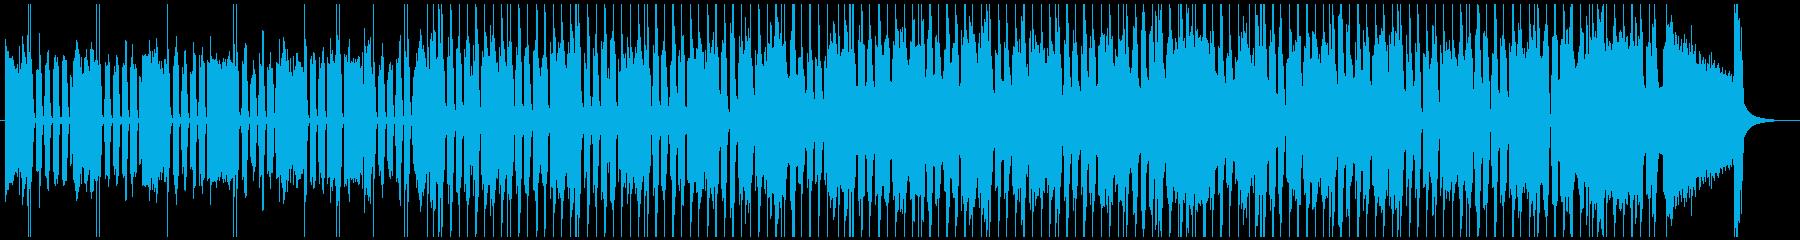 とにかくシンプルなギターのスローブルースの再生済みの波形